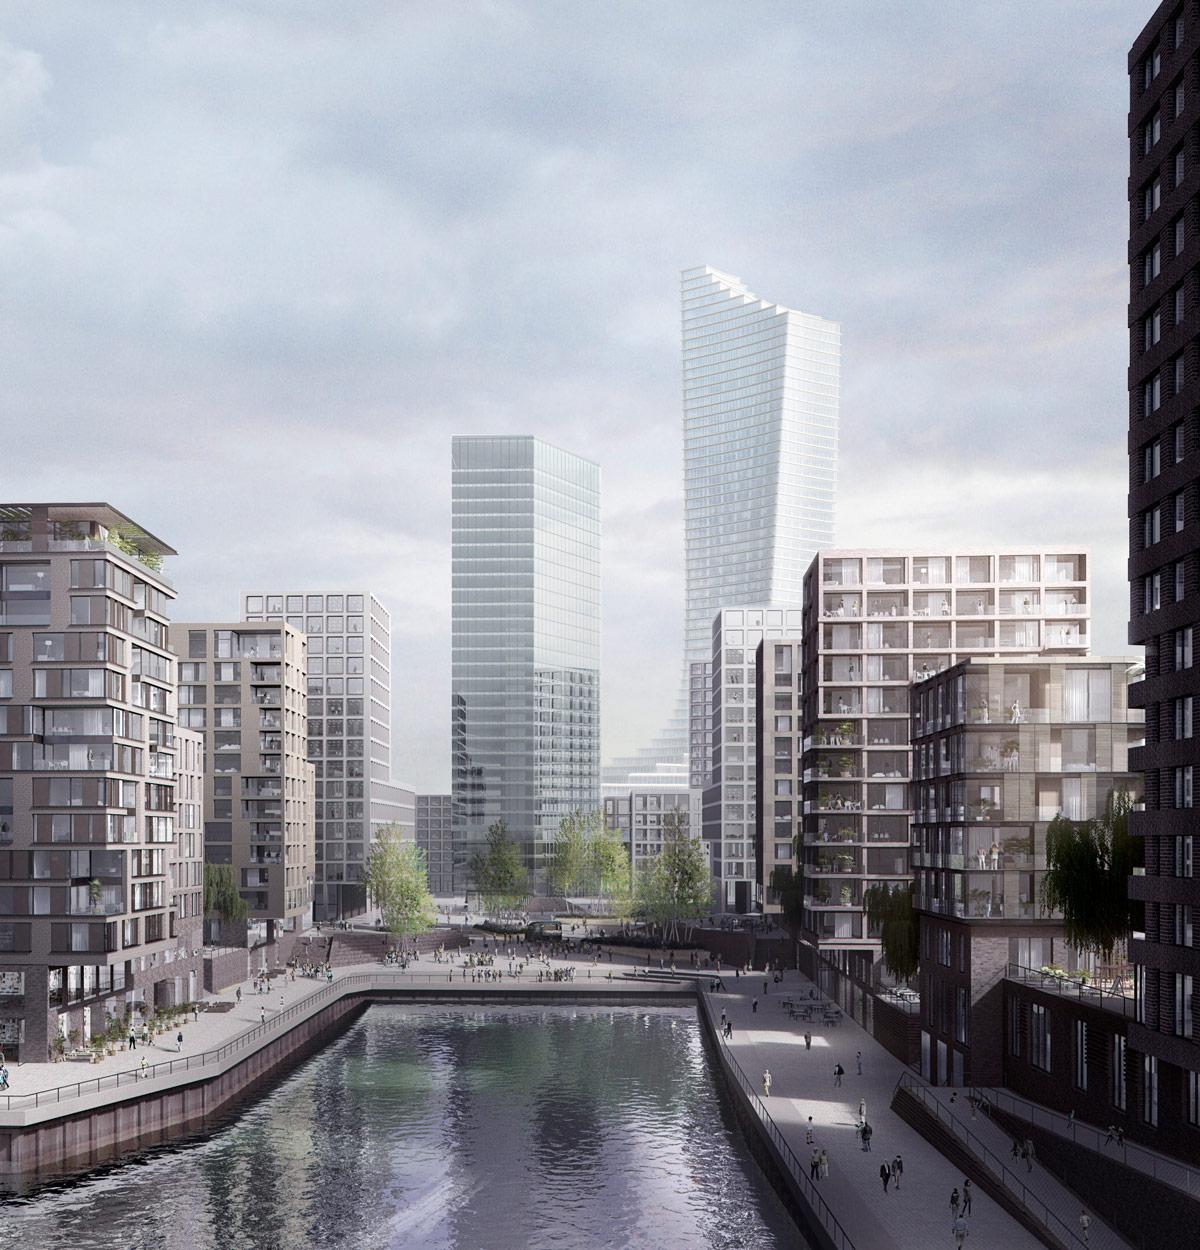 Hamburg Bekommt Ein 235 Meter Hohes Hochhaus